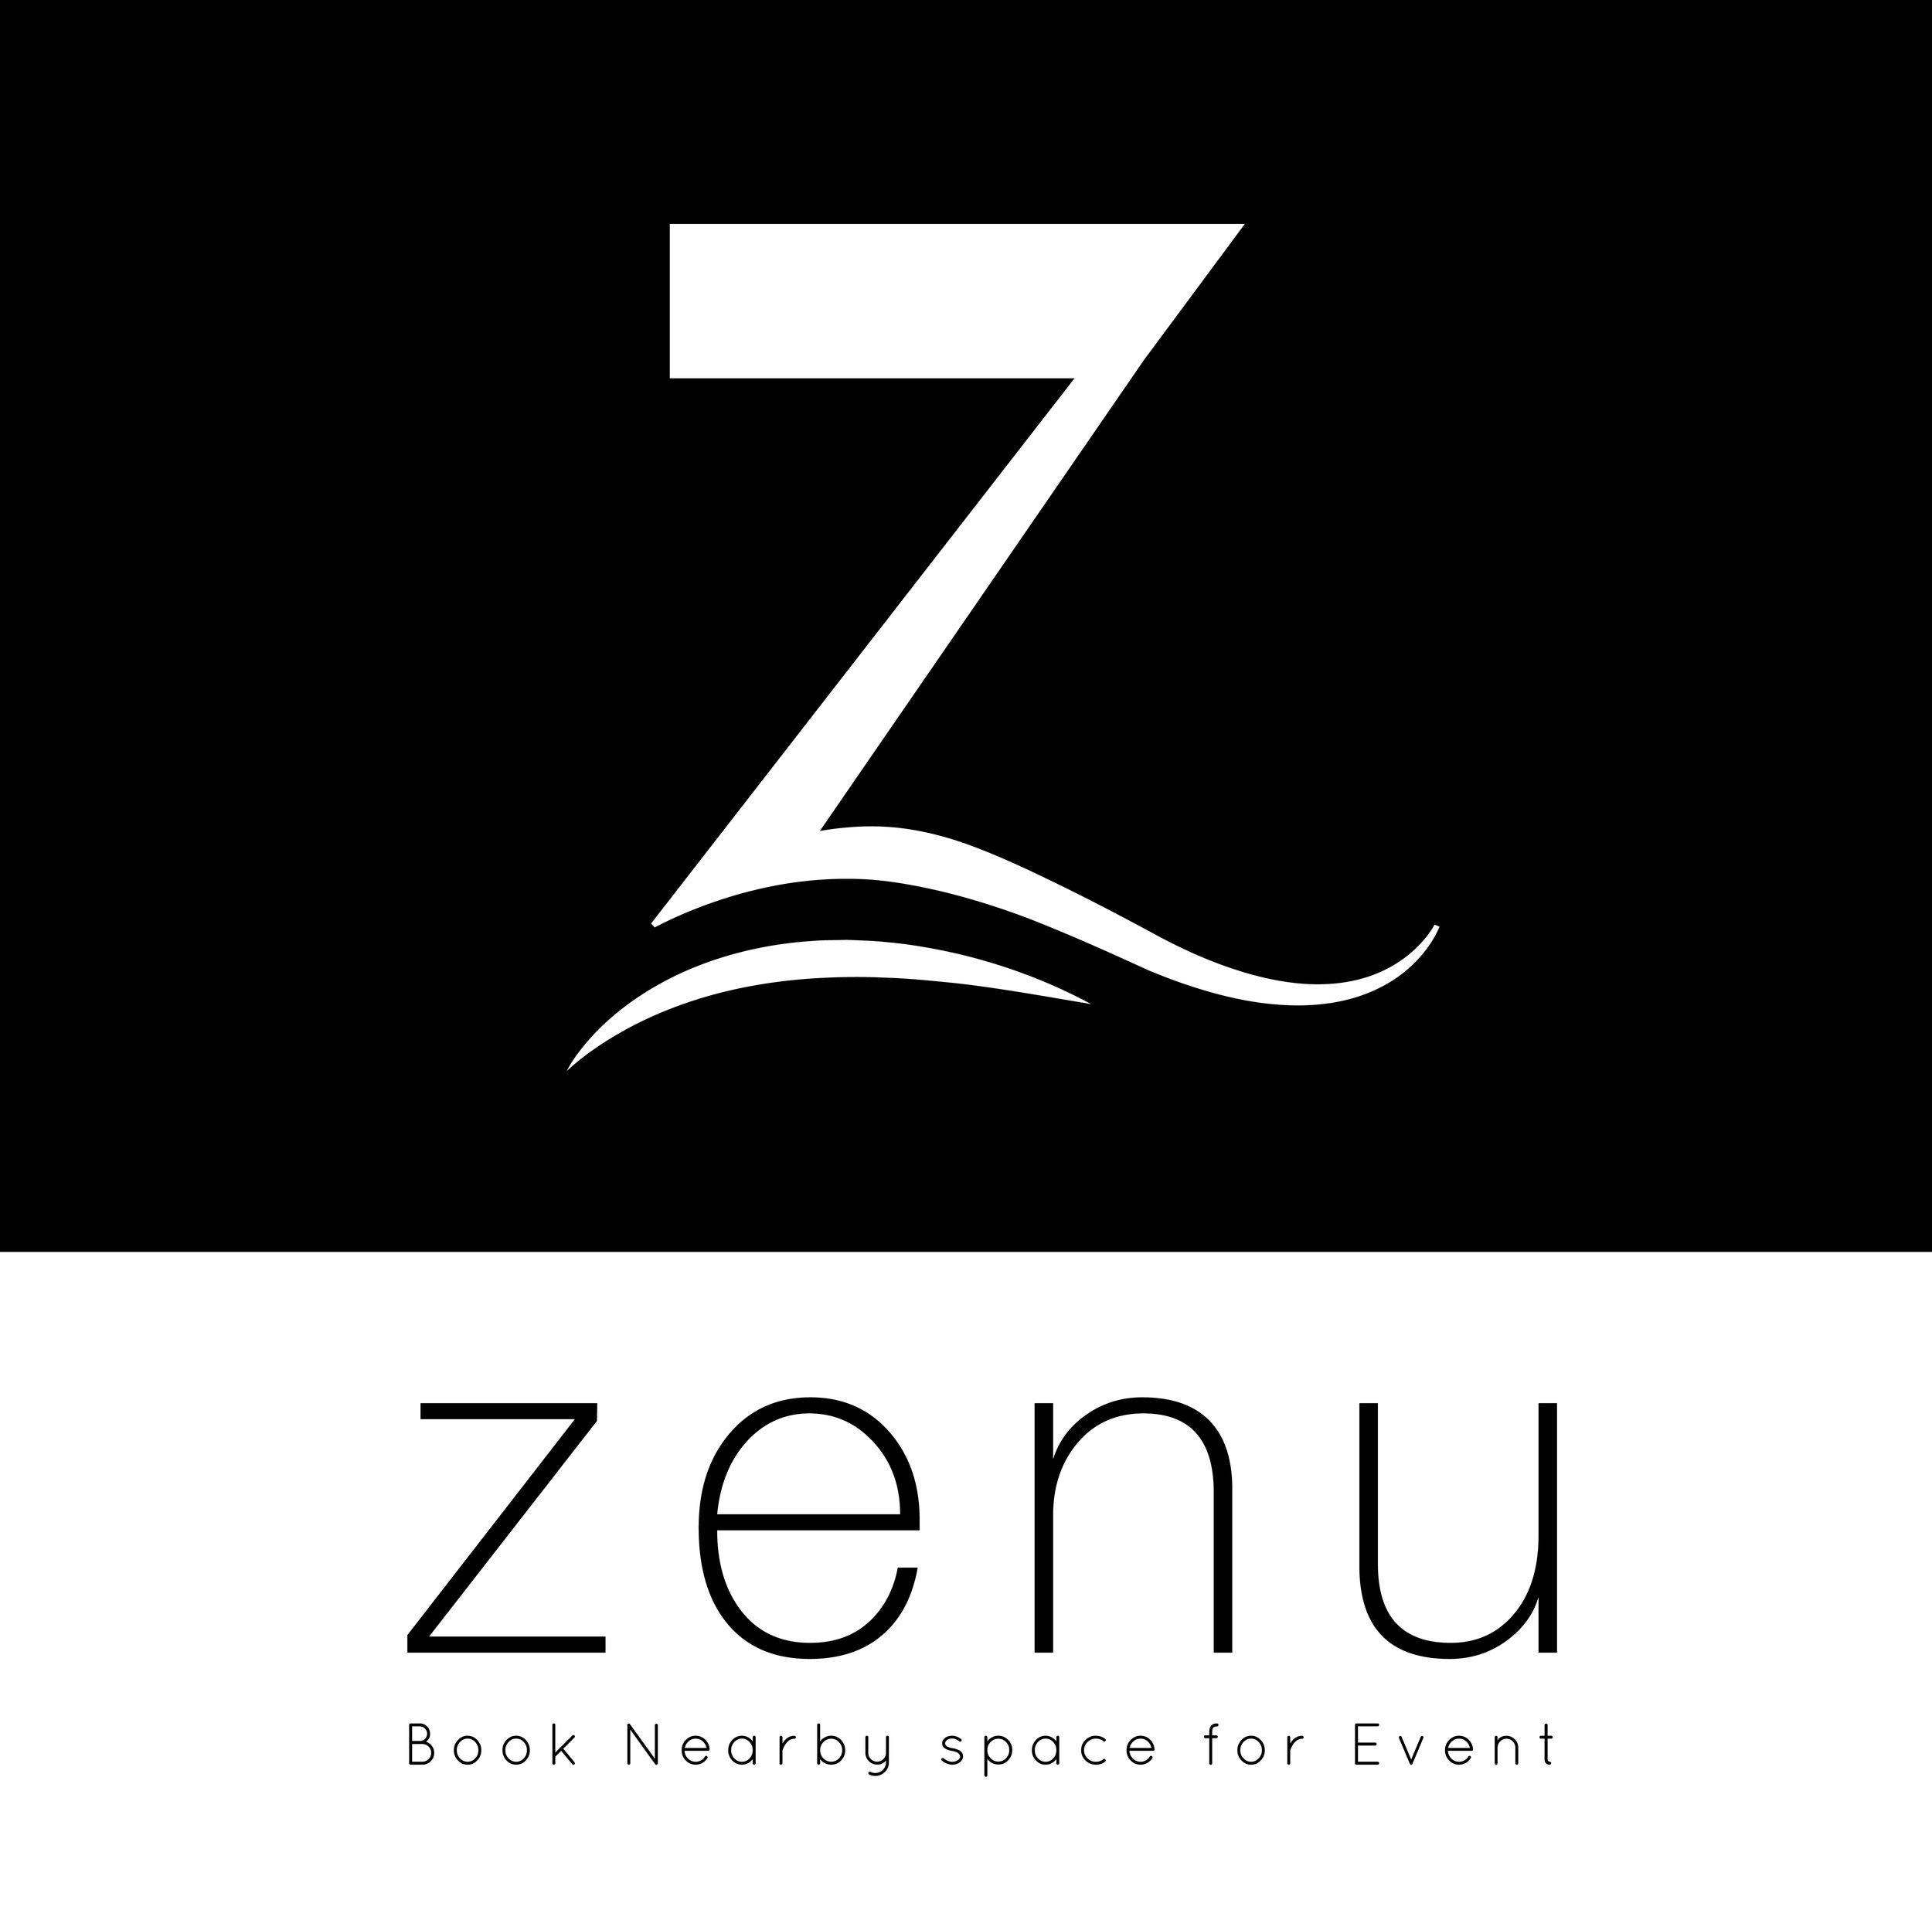 Zenu -